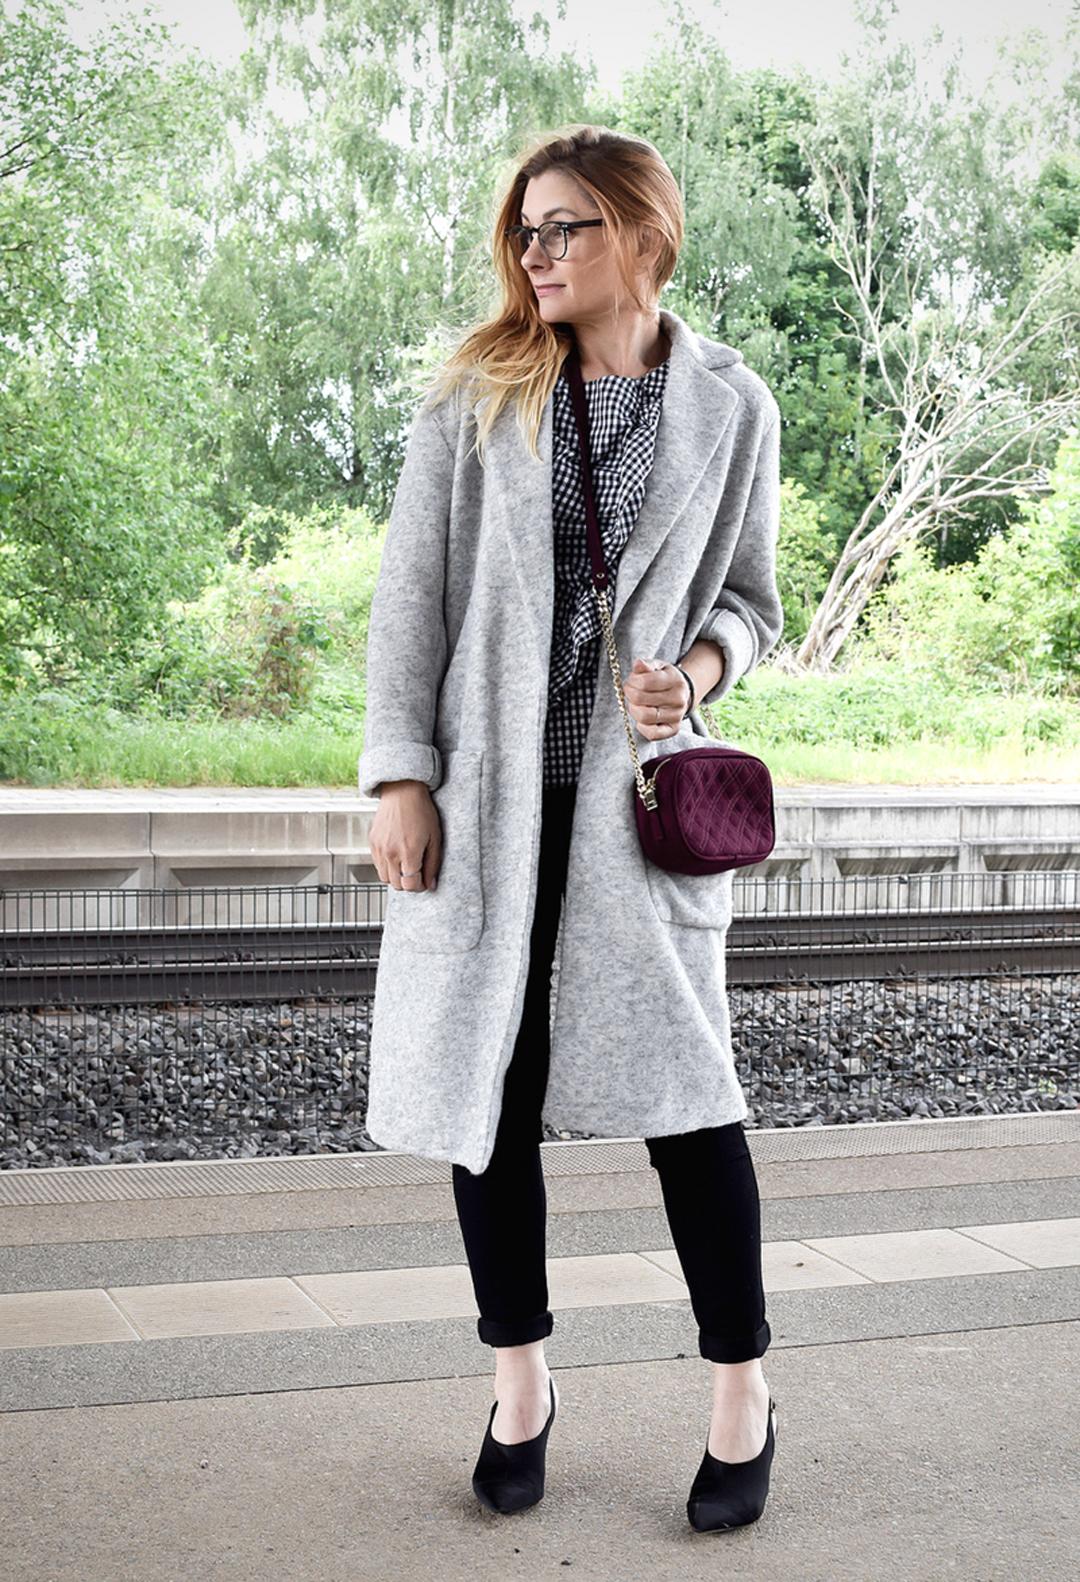 Skinny Jeans und Slingback Pumps in schwarz, Outfit Inspiration für Frauen über 40